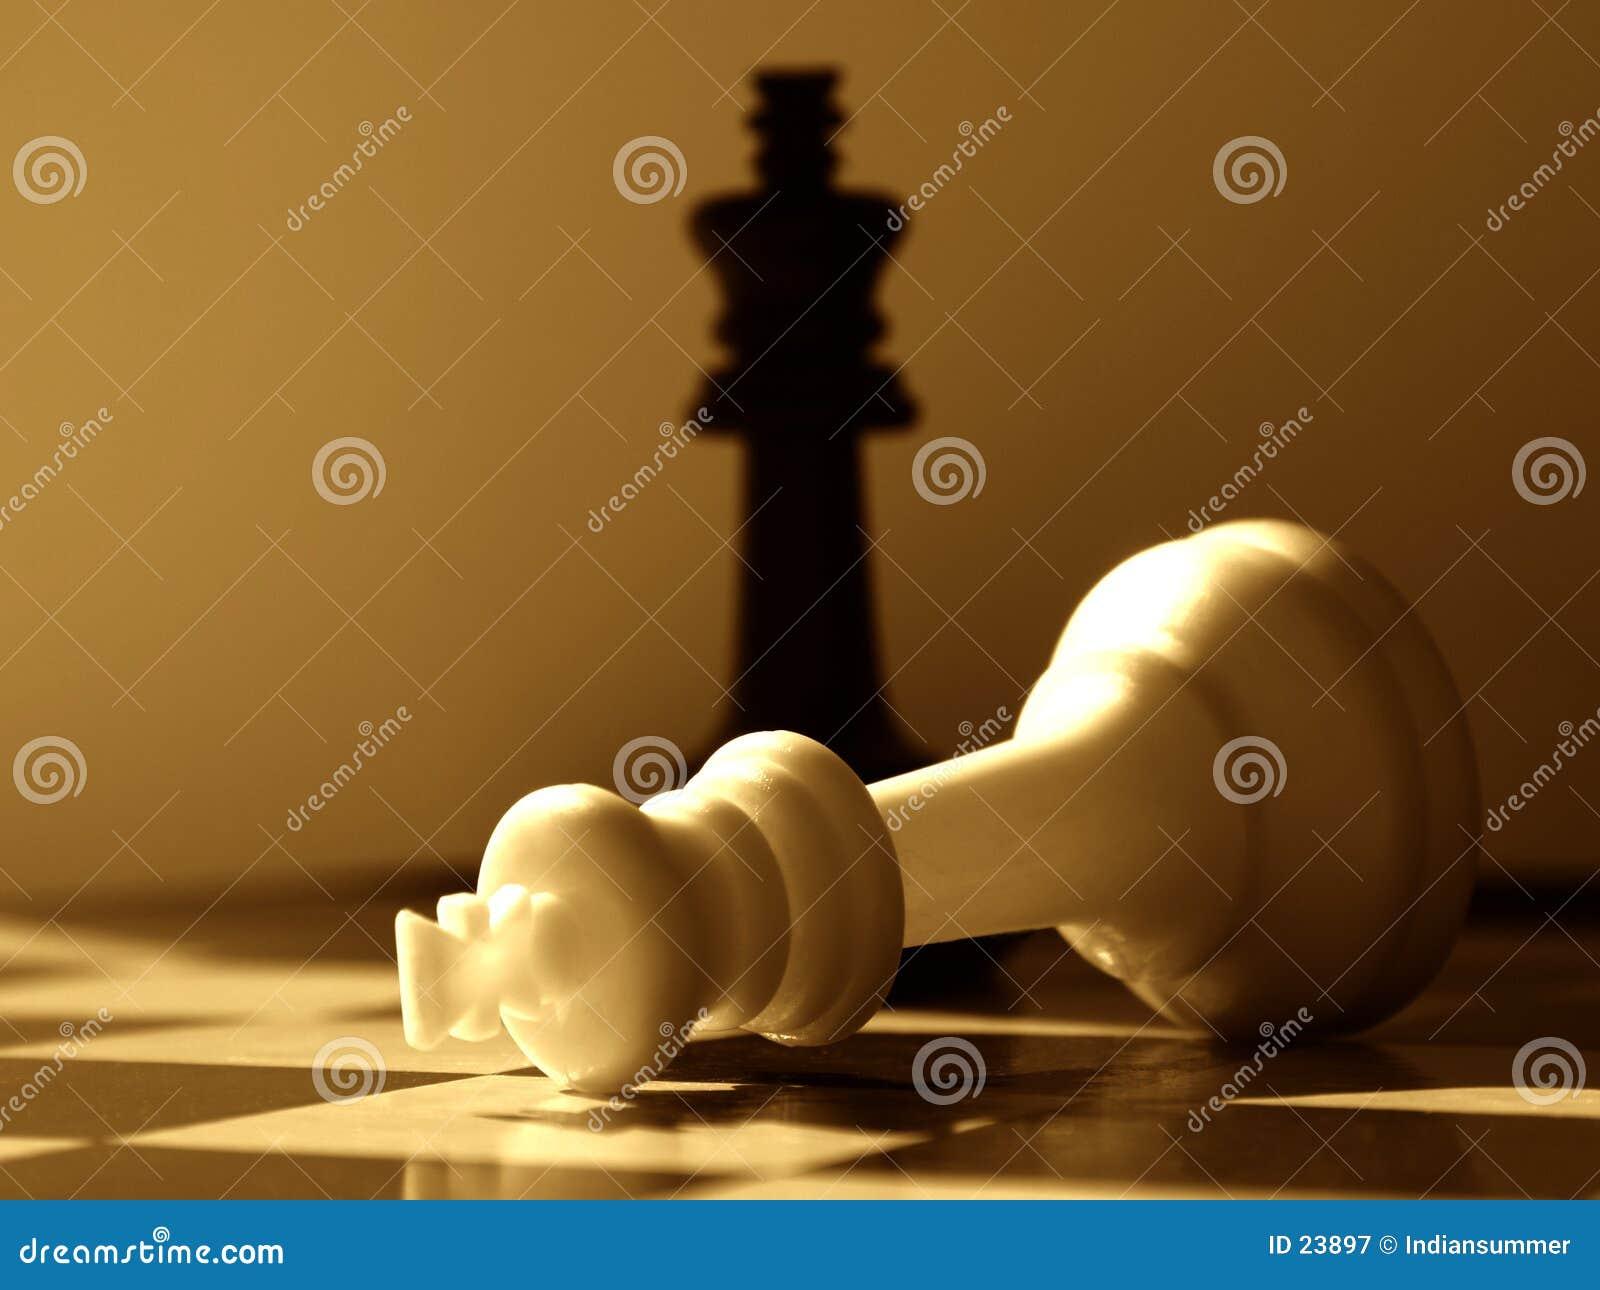 De het scenariozwarte van het schaak wint